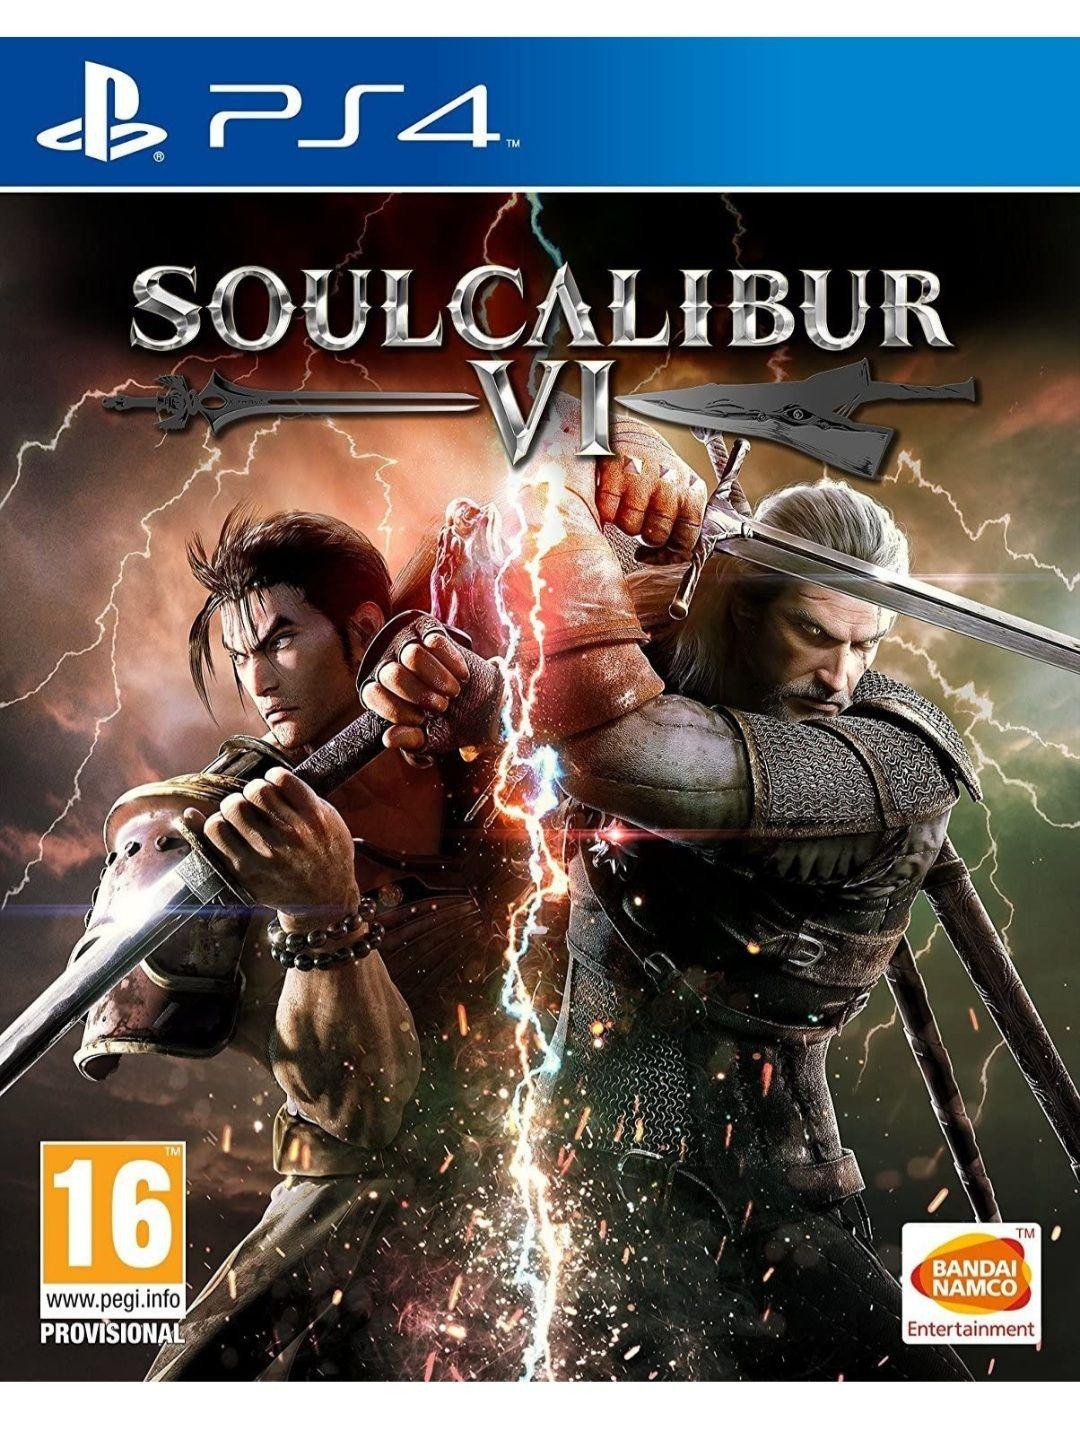 SoulCalibur VI - PS4 (Mediamarkt y Amazon)